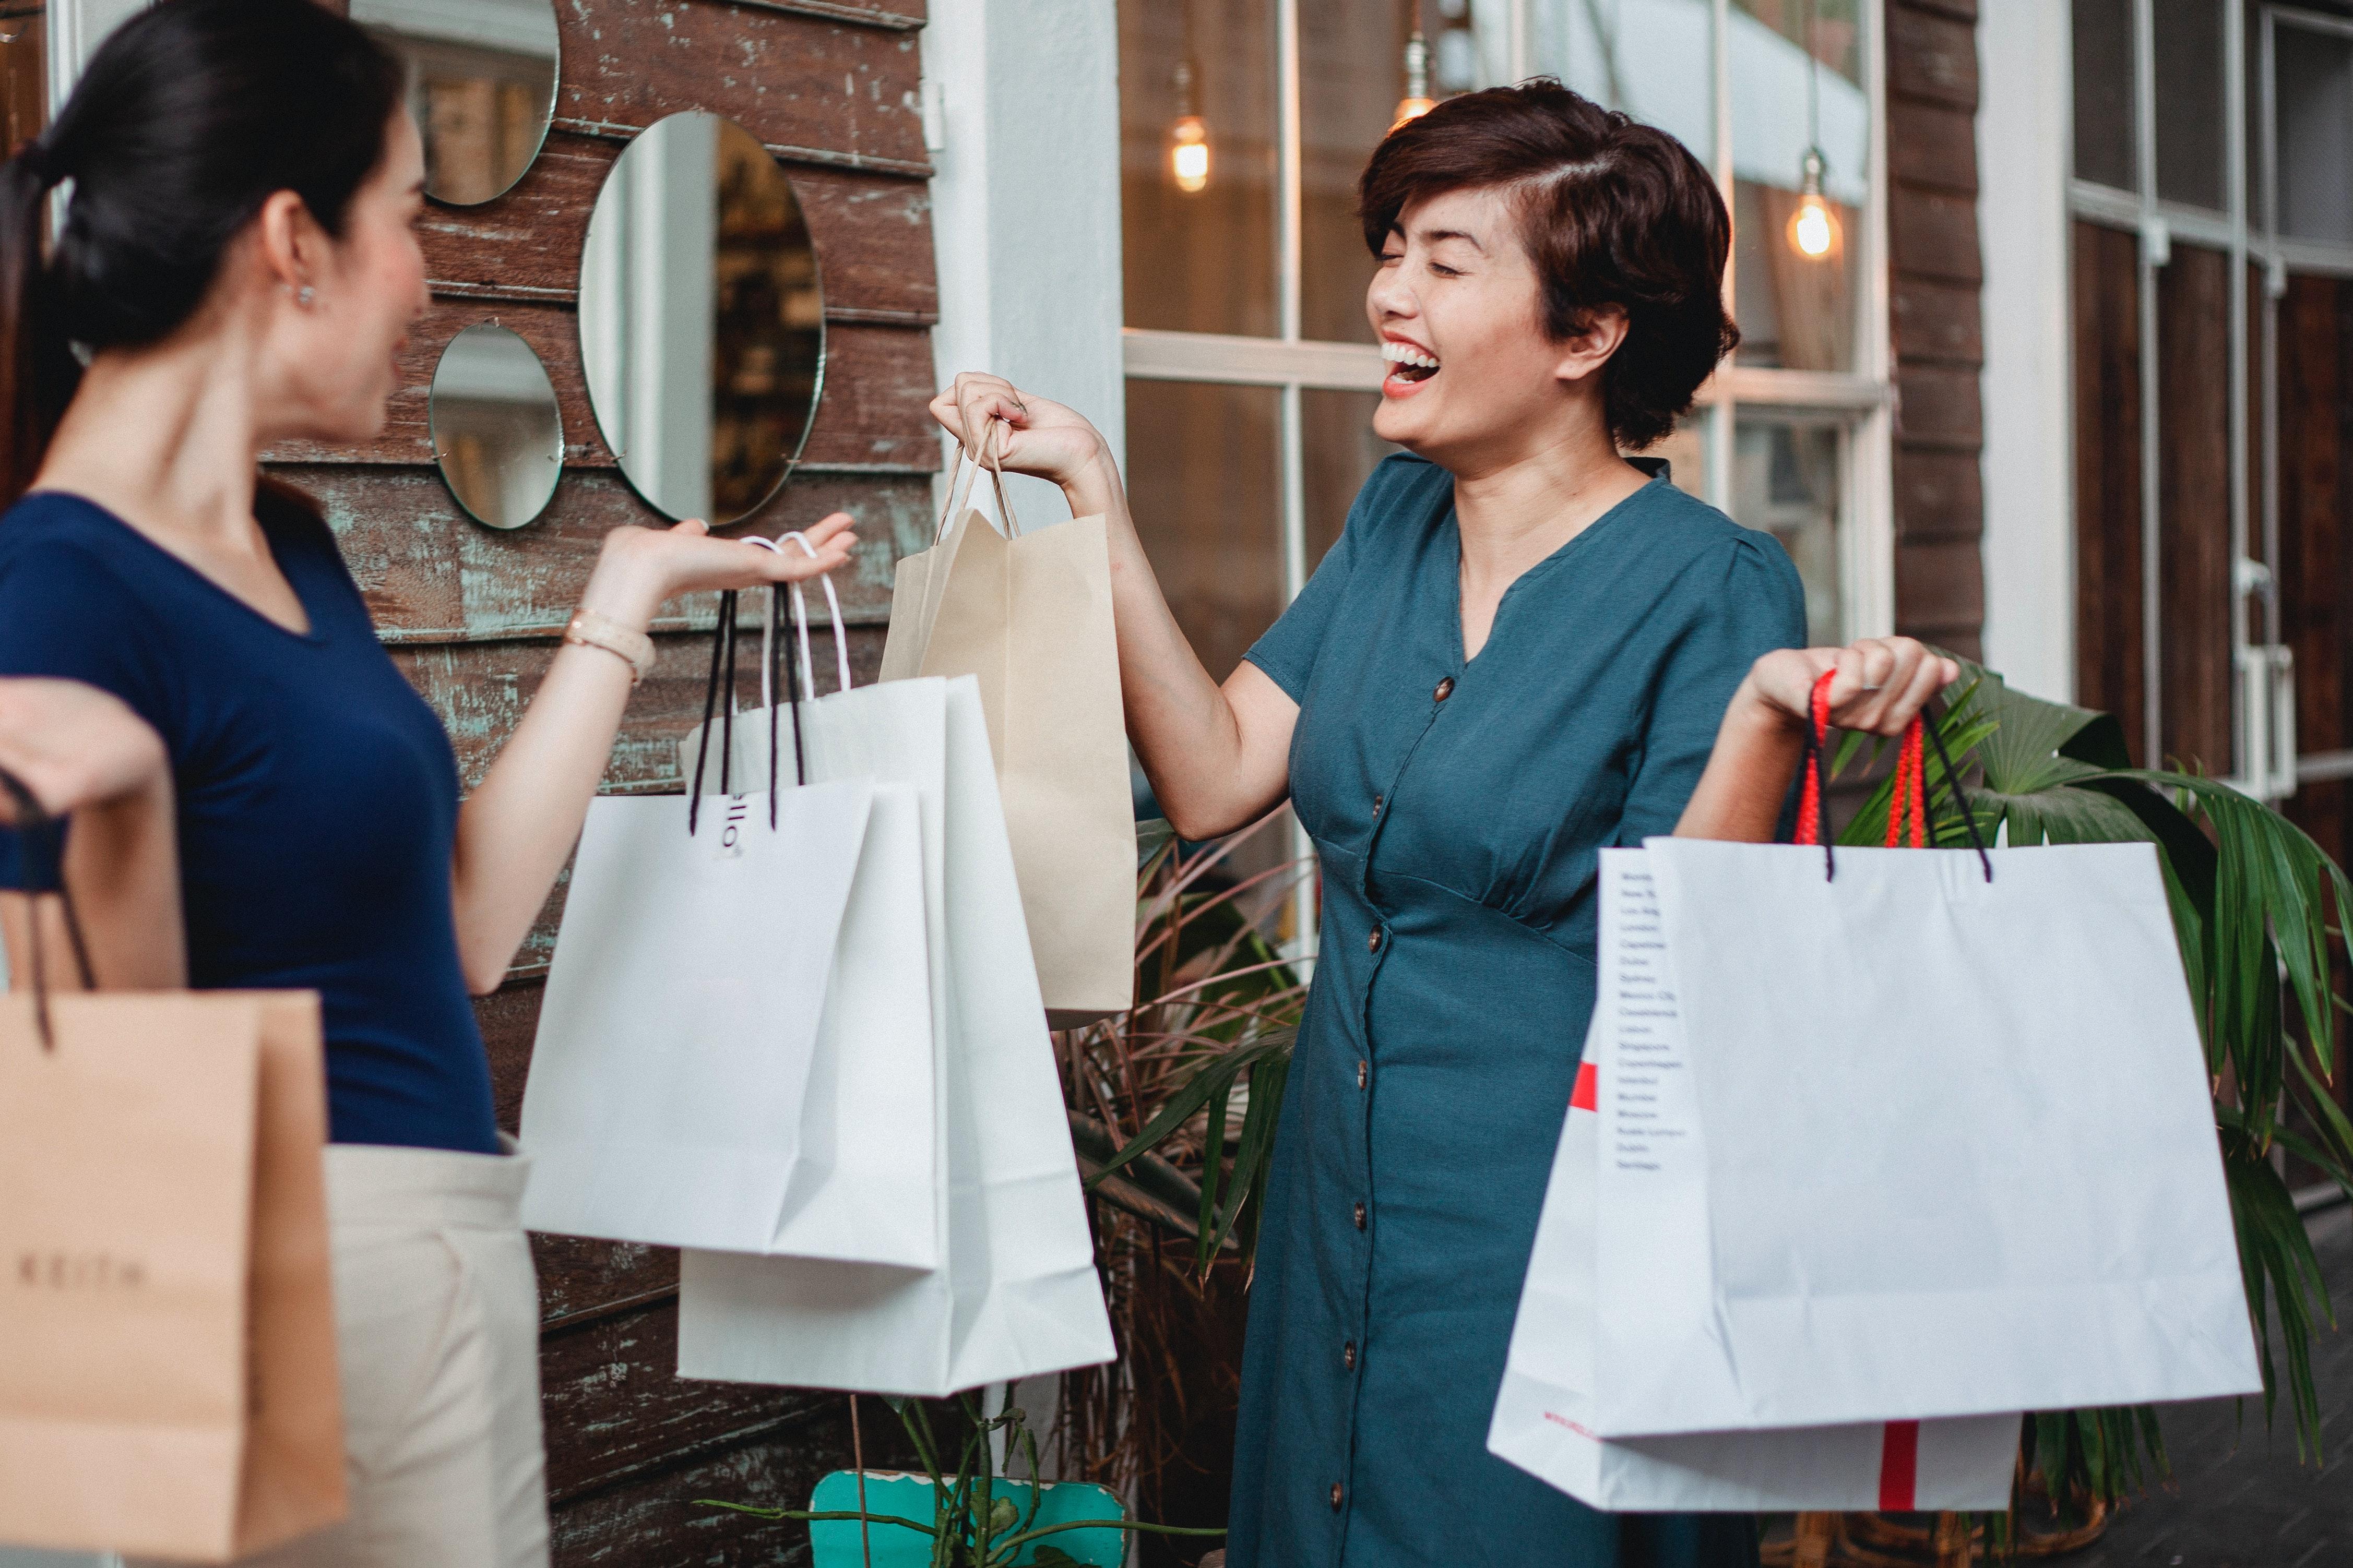 Как грамотно составить коммерческое предложения товаров для женщин